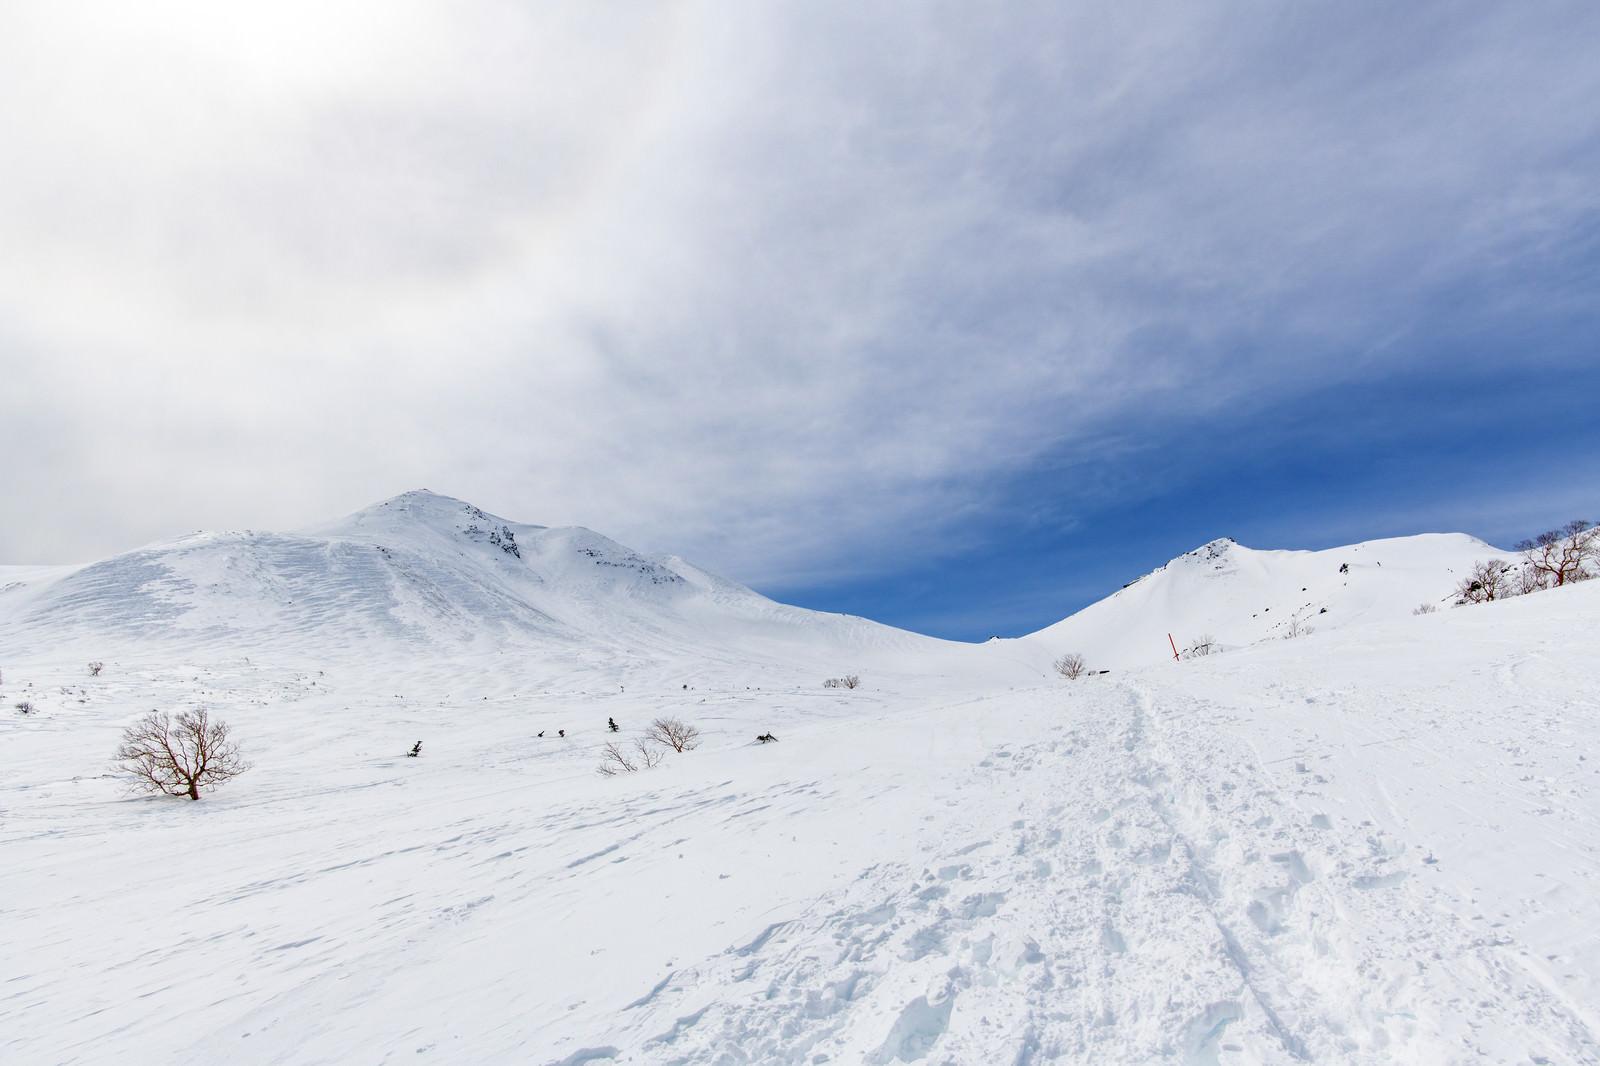 「巨大なハロと乗鞍岳の残る足跡」の写真